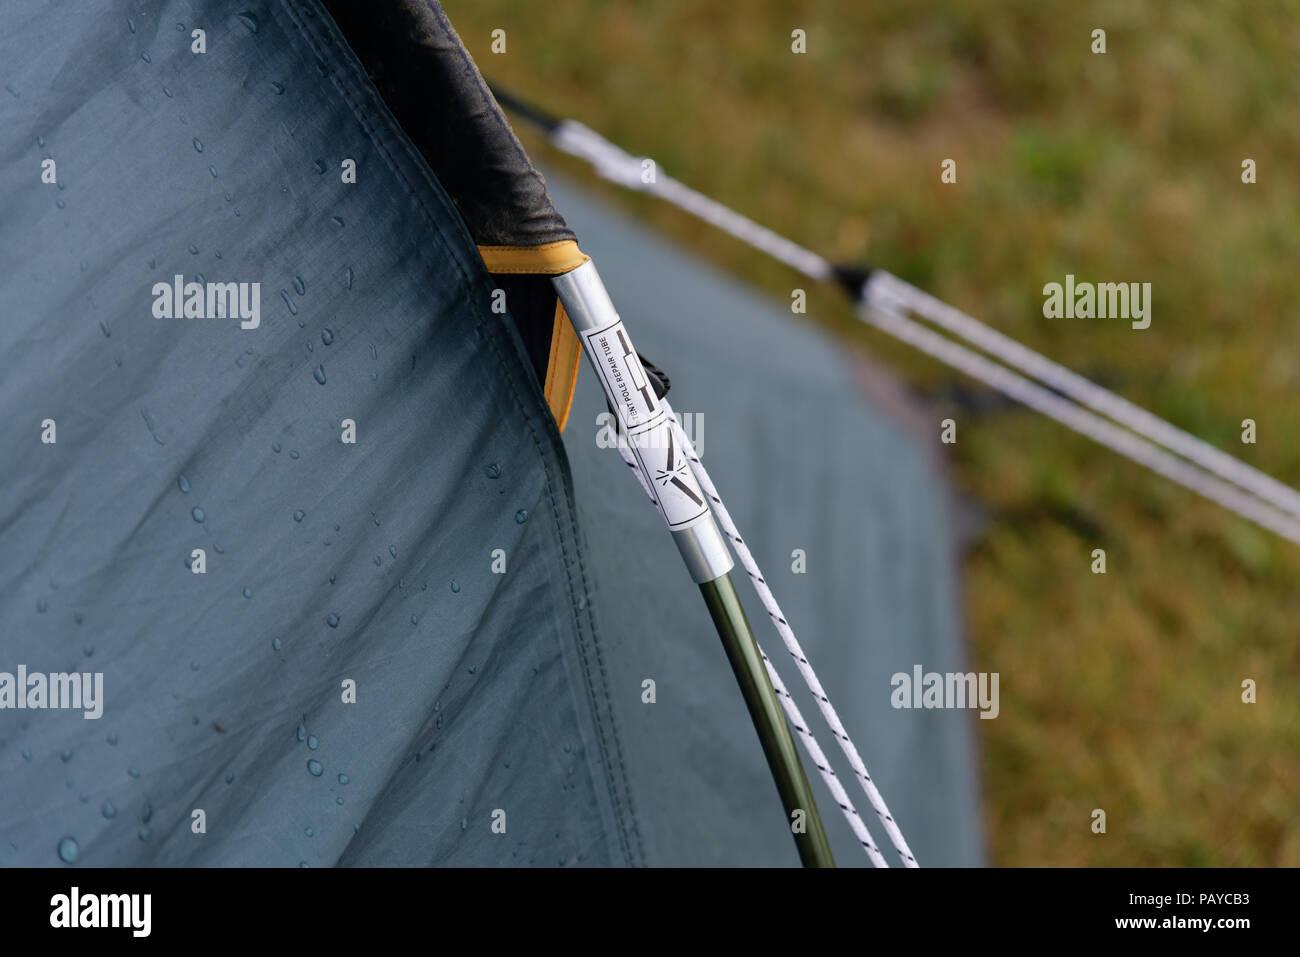 A broken tent pole repaired using an aluminium repair sleeve - Stock Image